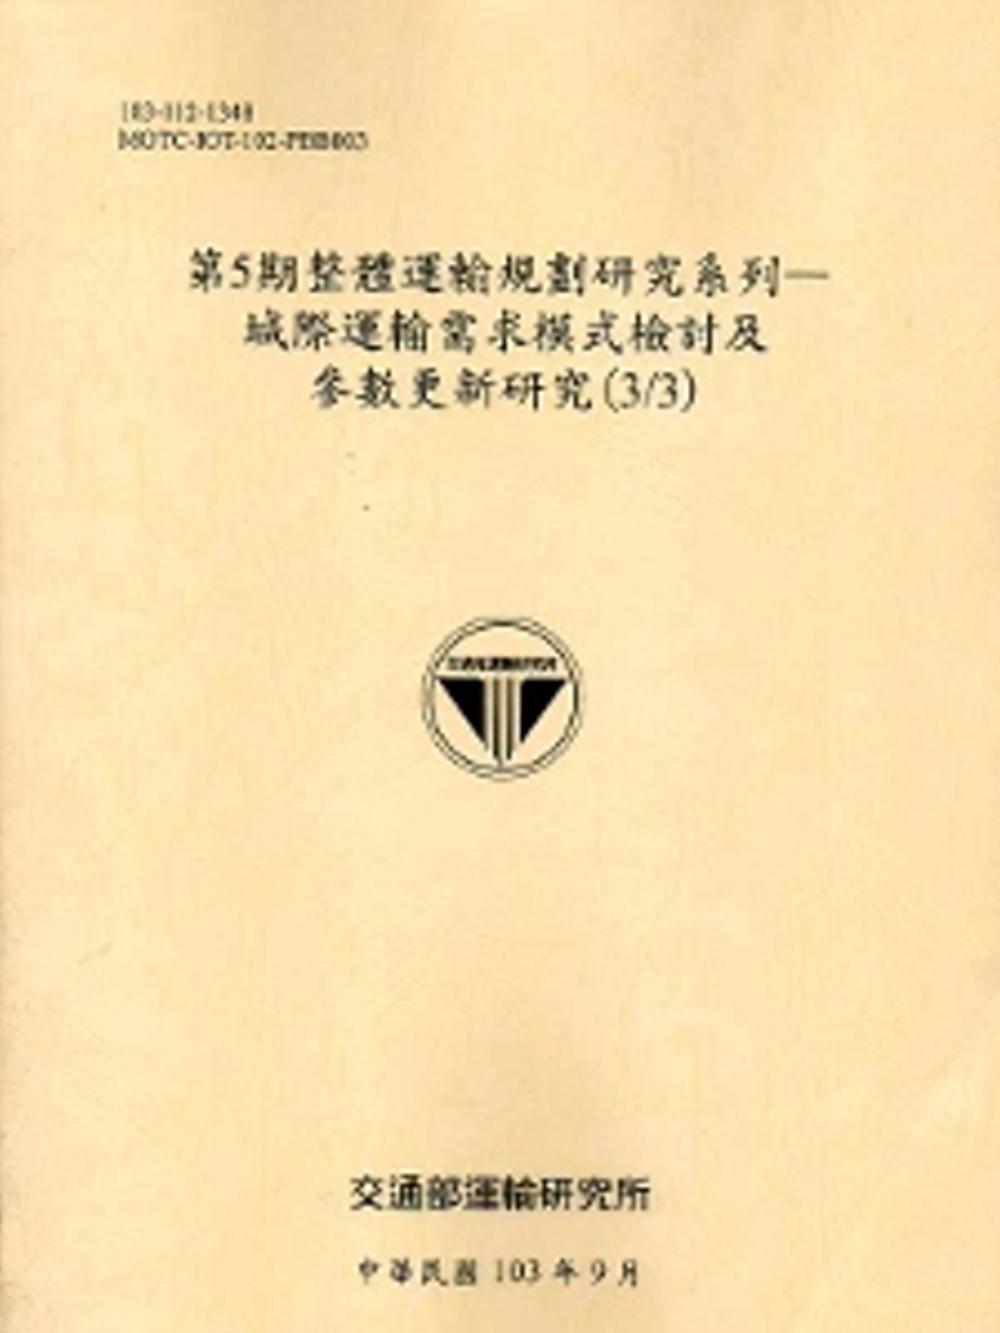 第5期整體運輸規劃研究系列—城際運輸需求模式檢討及參數更新研究(3/3)[103銘黃]